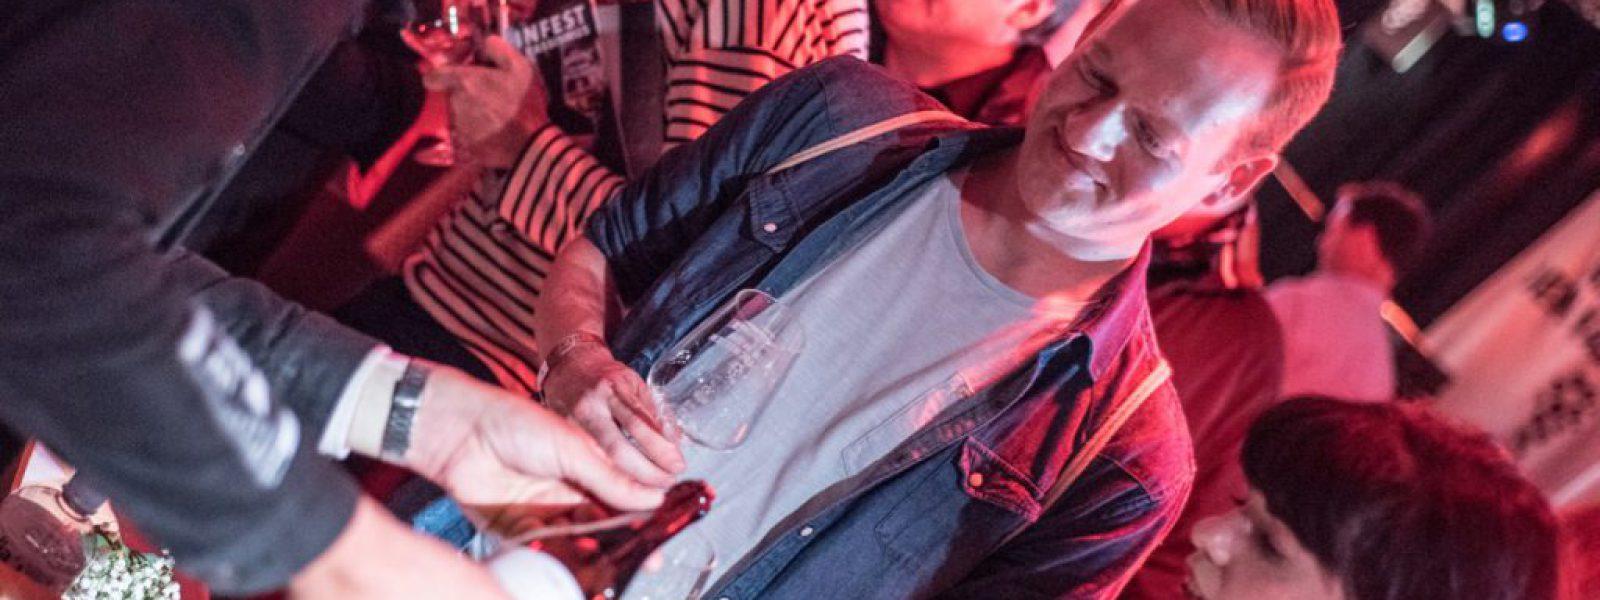 Weinfest gg Rassismus 2018 (Fotos Sabrina Adeline Nagel) klein - 66